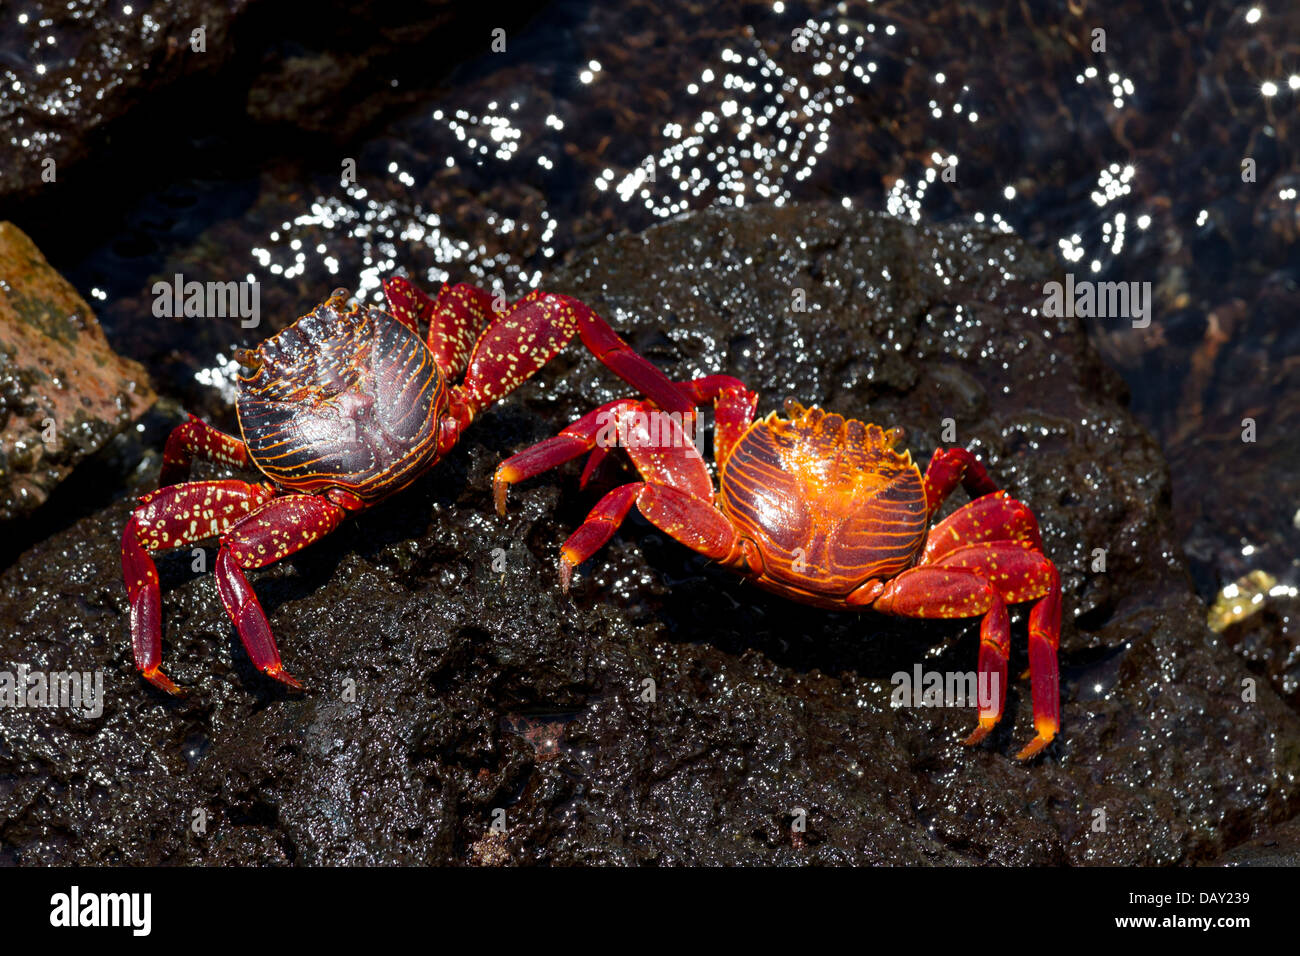 Sally Lightfoot Crab, Grapsus grapsus, Santa Cruz Island, Galapagos Islands, Ecuador - Stock Image